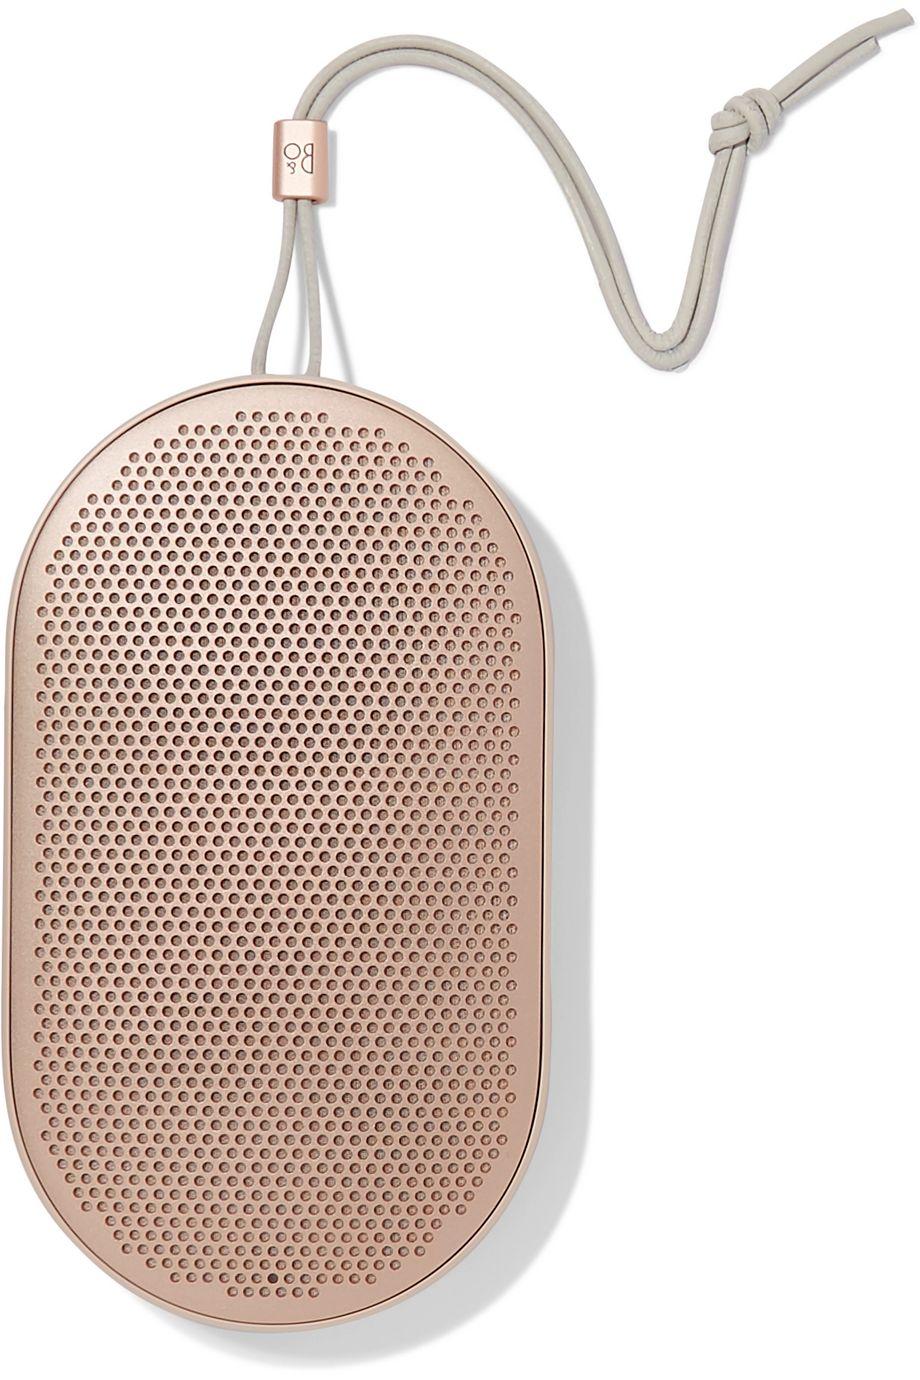 Bang & Olufsen P2 便携式蓝牙音箱